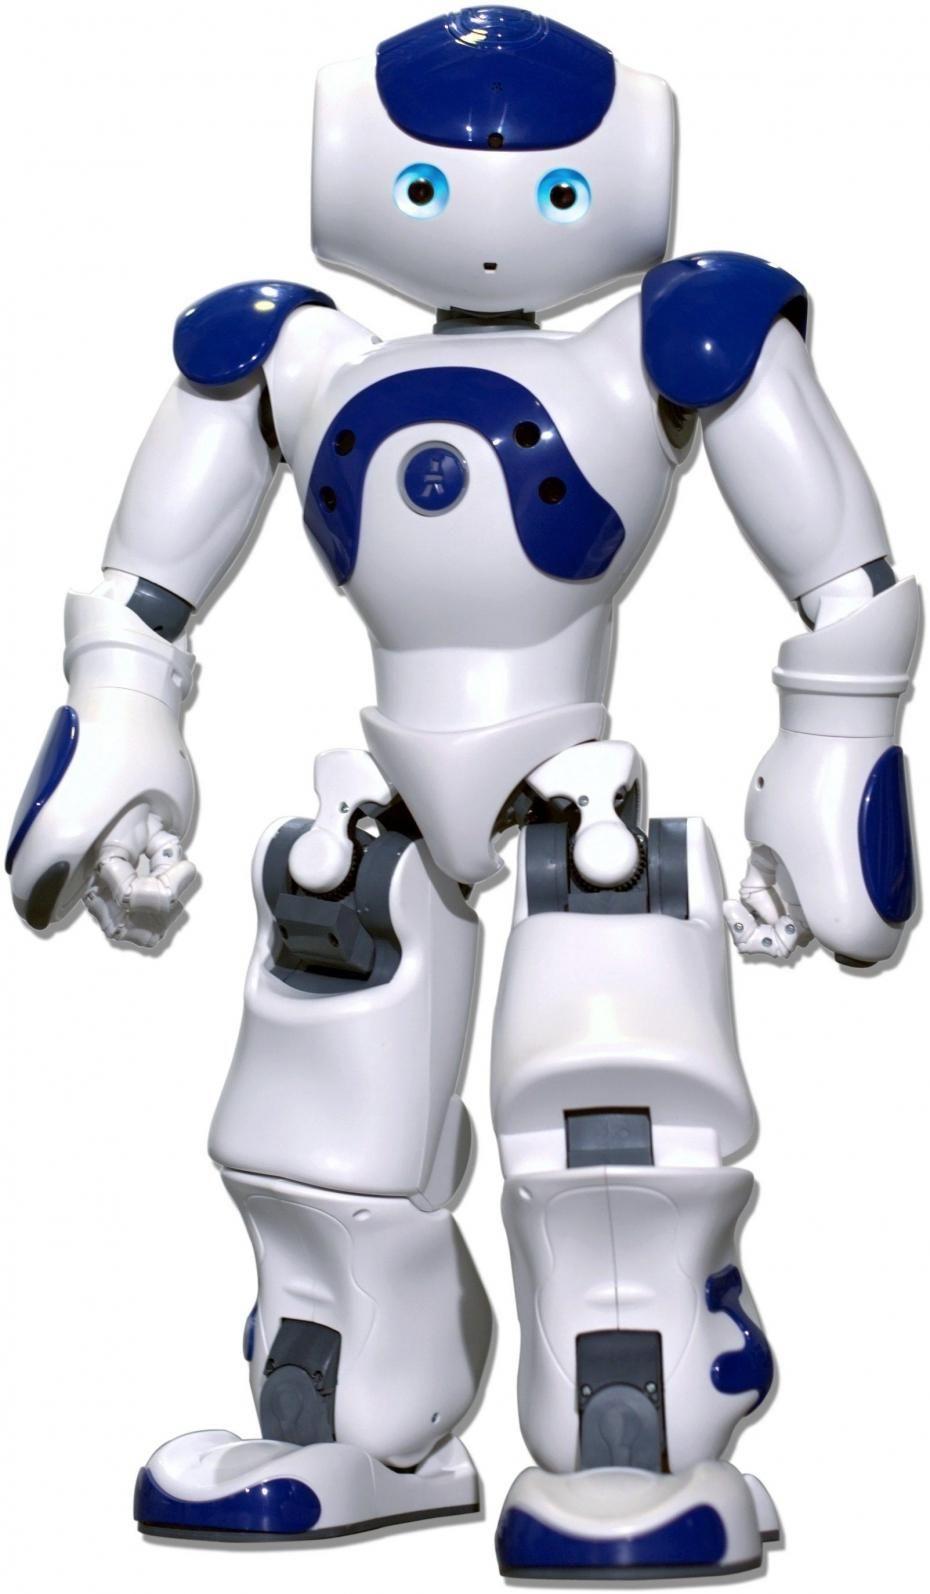 Hd Robot For Desktop Tech Electronic Gadget In 2018 Pinterest